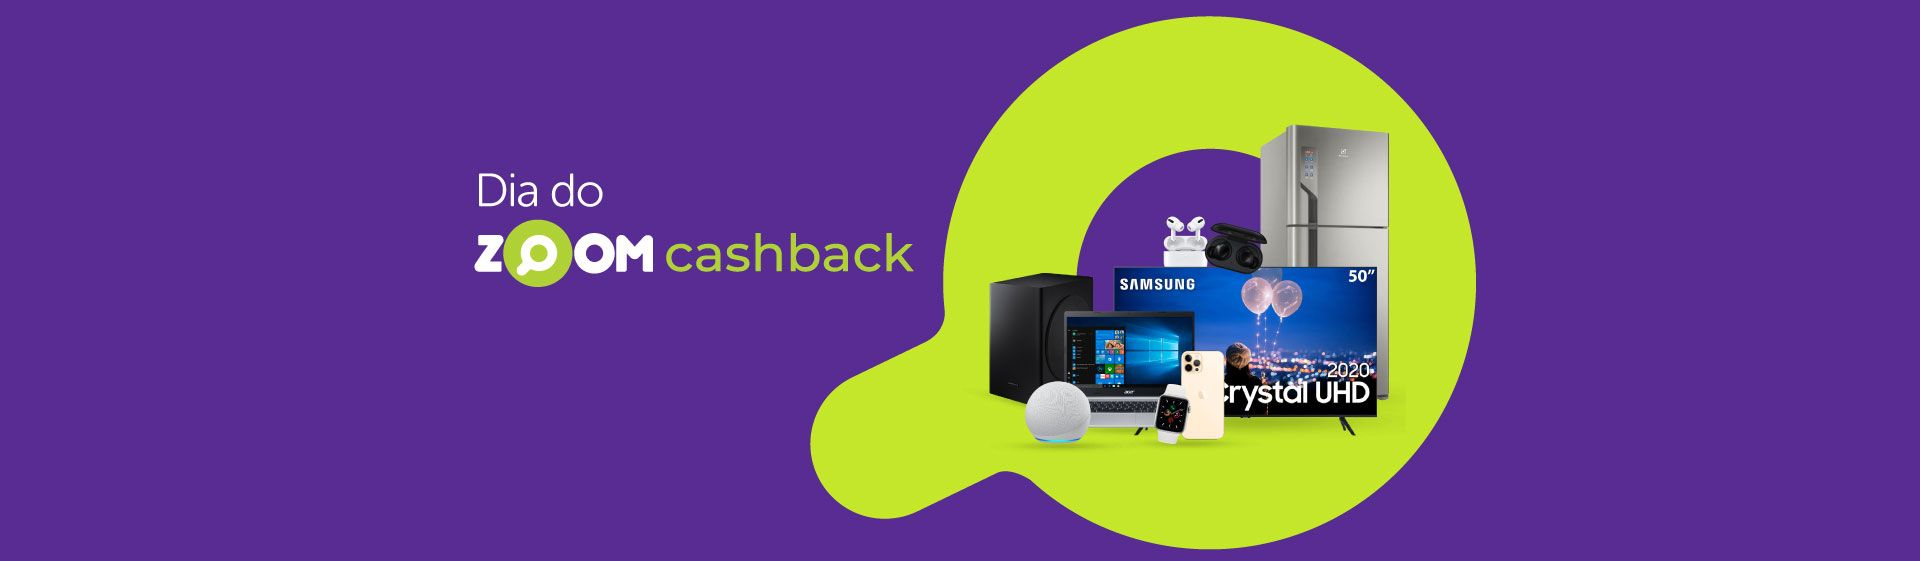 Dia do Cashback: saiba todos os detalhes e veja ofertas